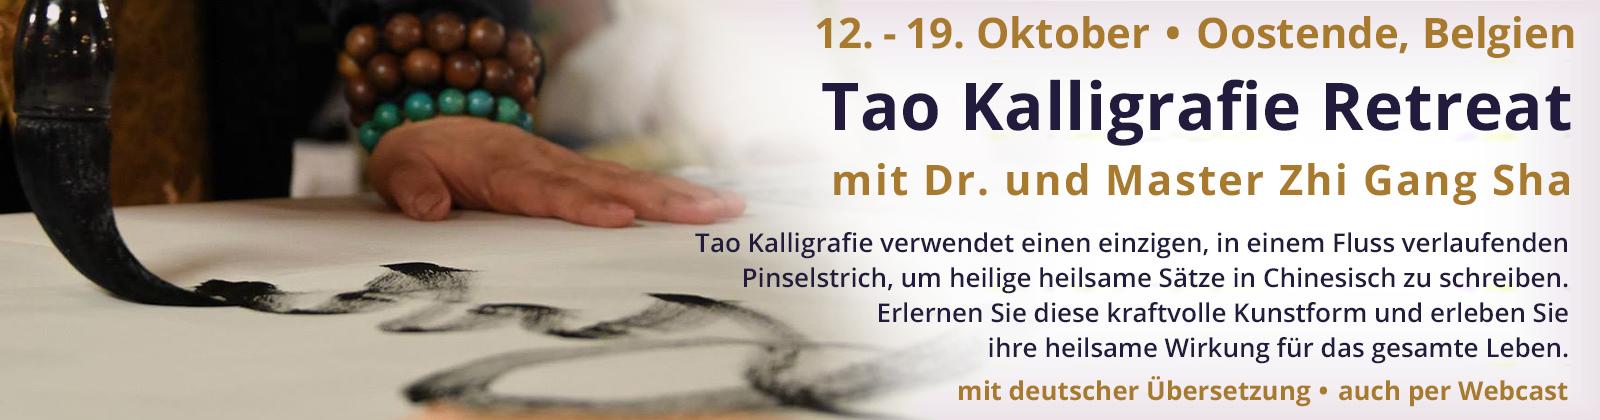 Tao Kalligrafie Retreat mit Dr. und Master Zhi Gang Sha